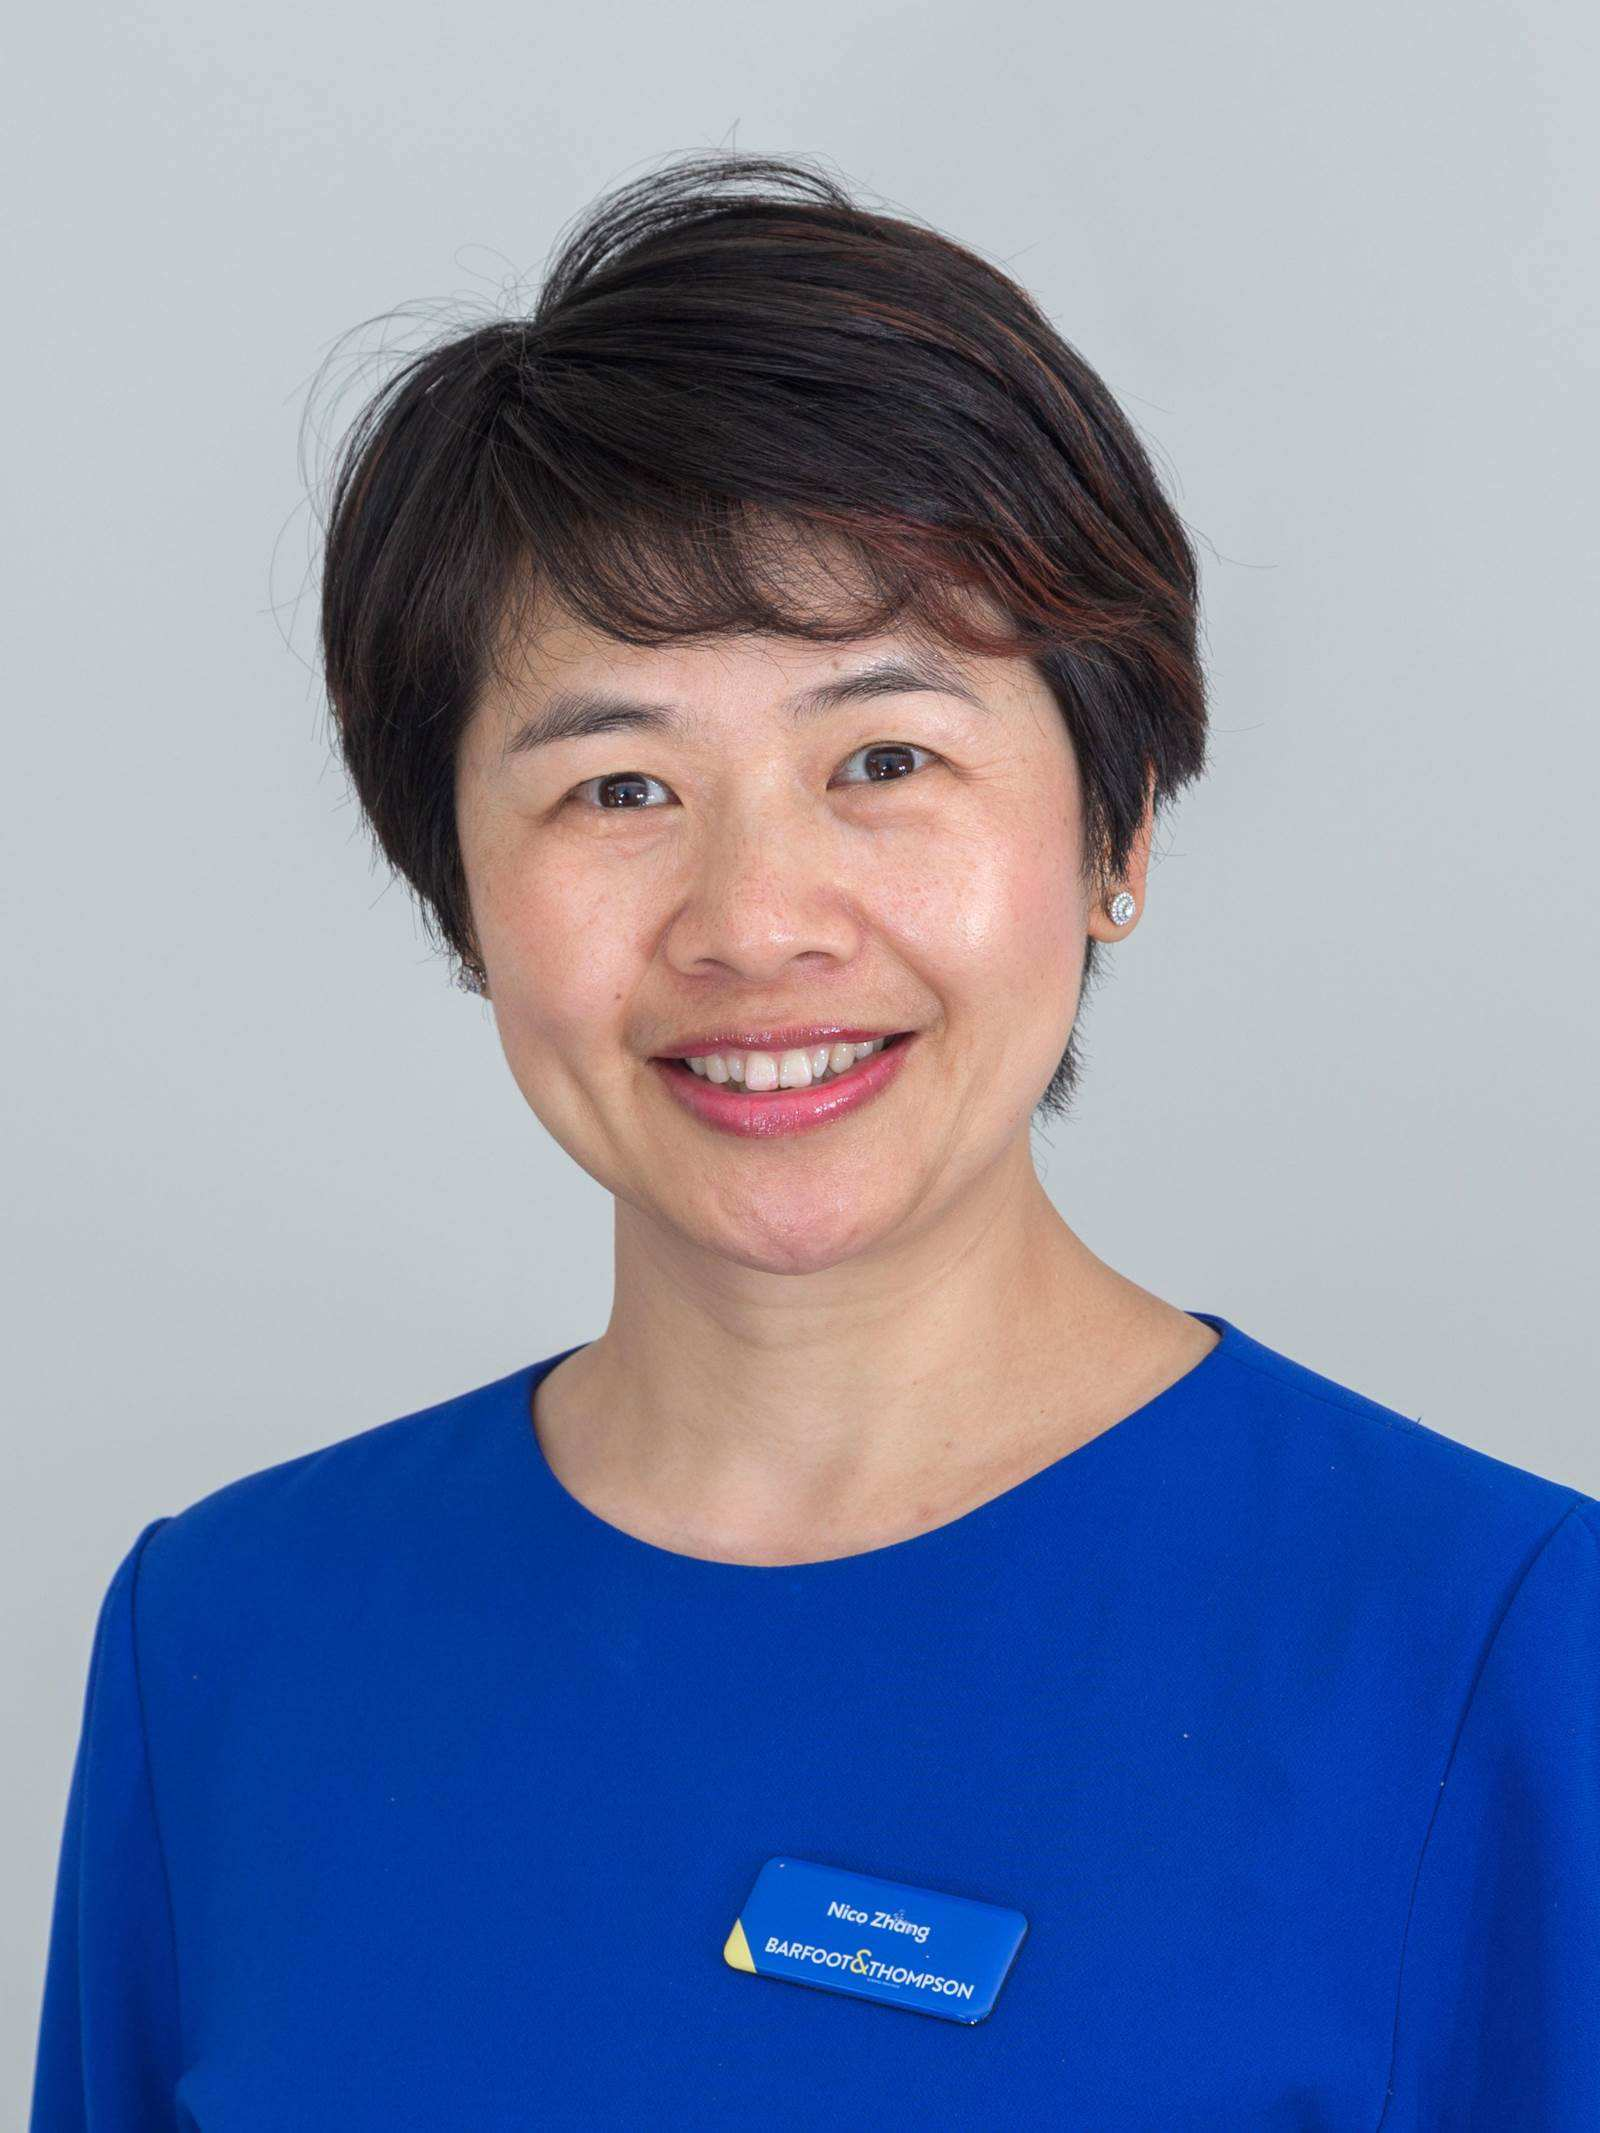 Nico Zhang